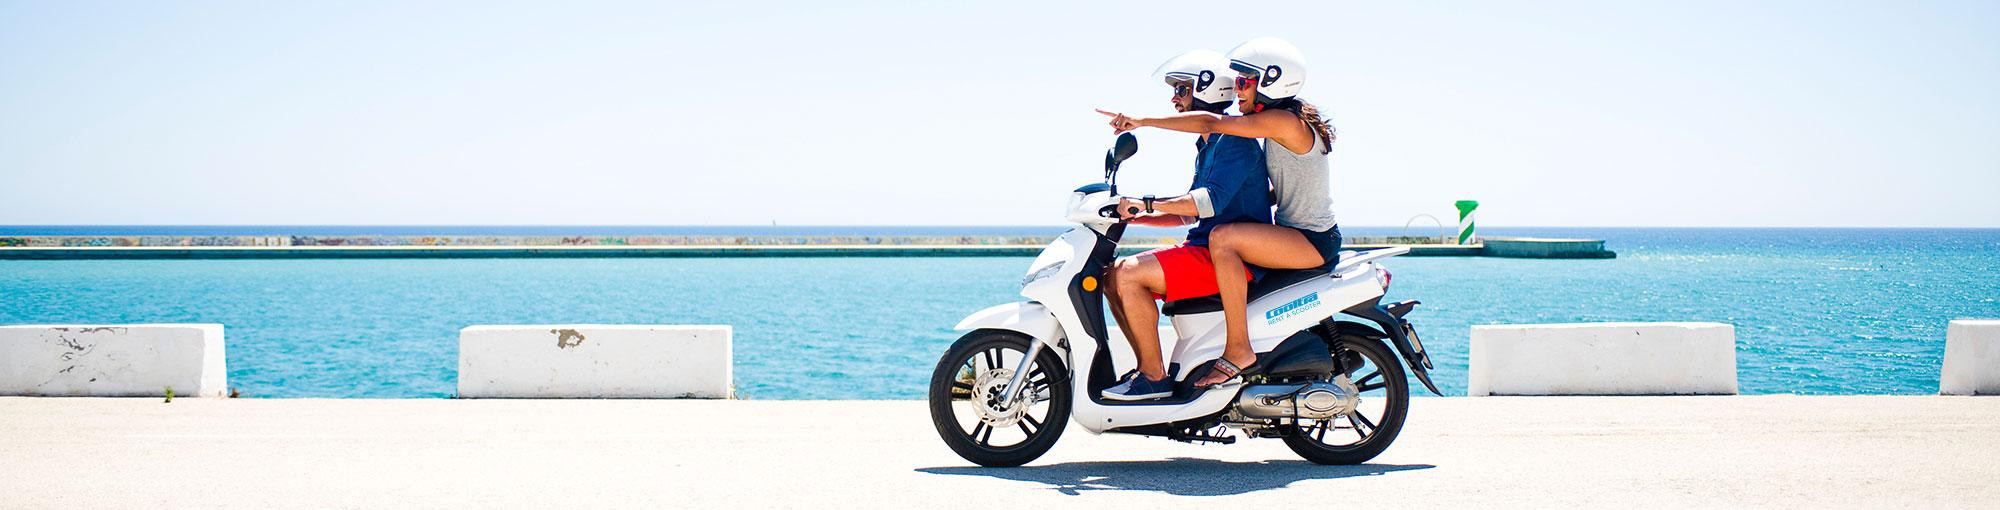 Alquila una moto o scooter eléctrica o de gasolina